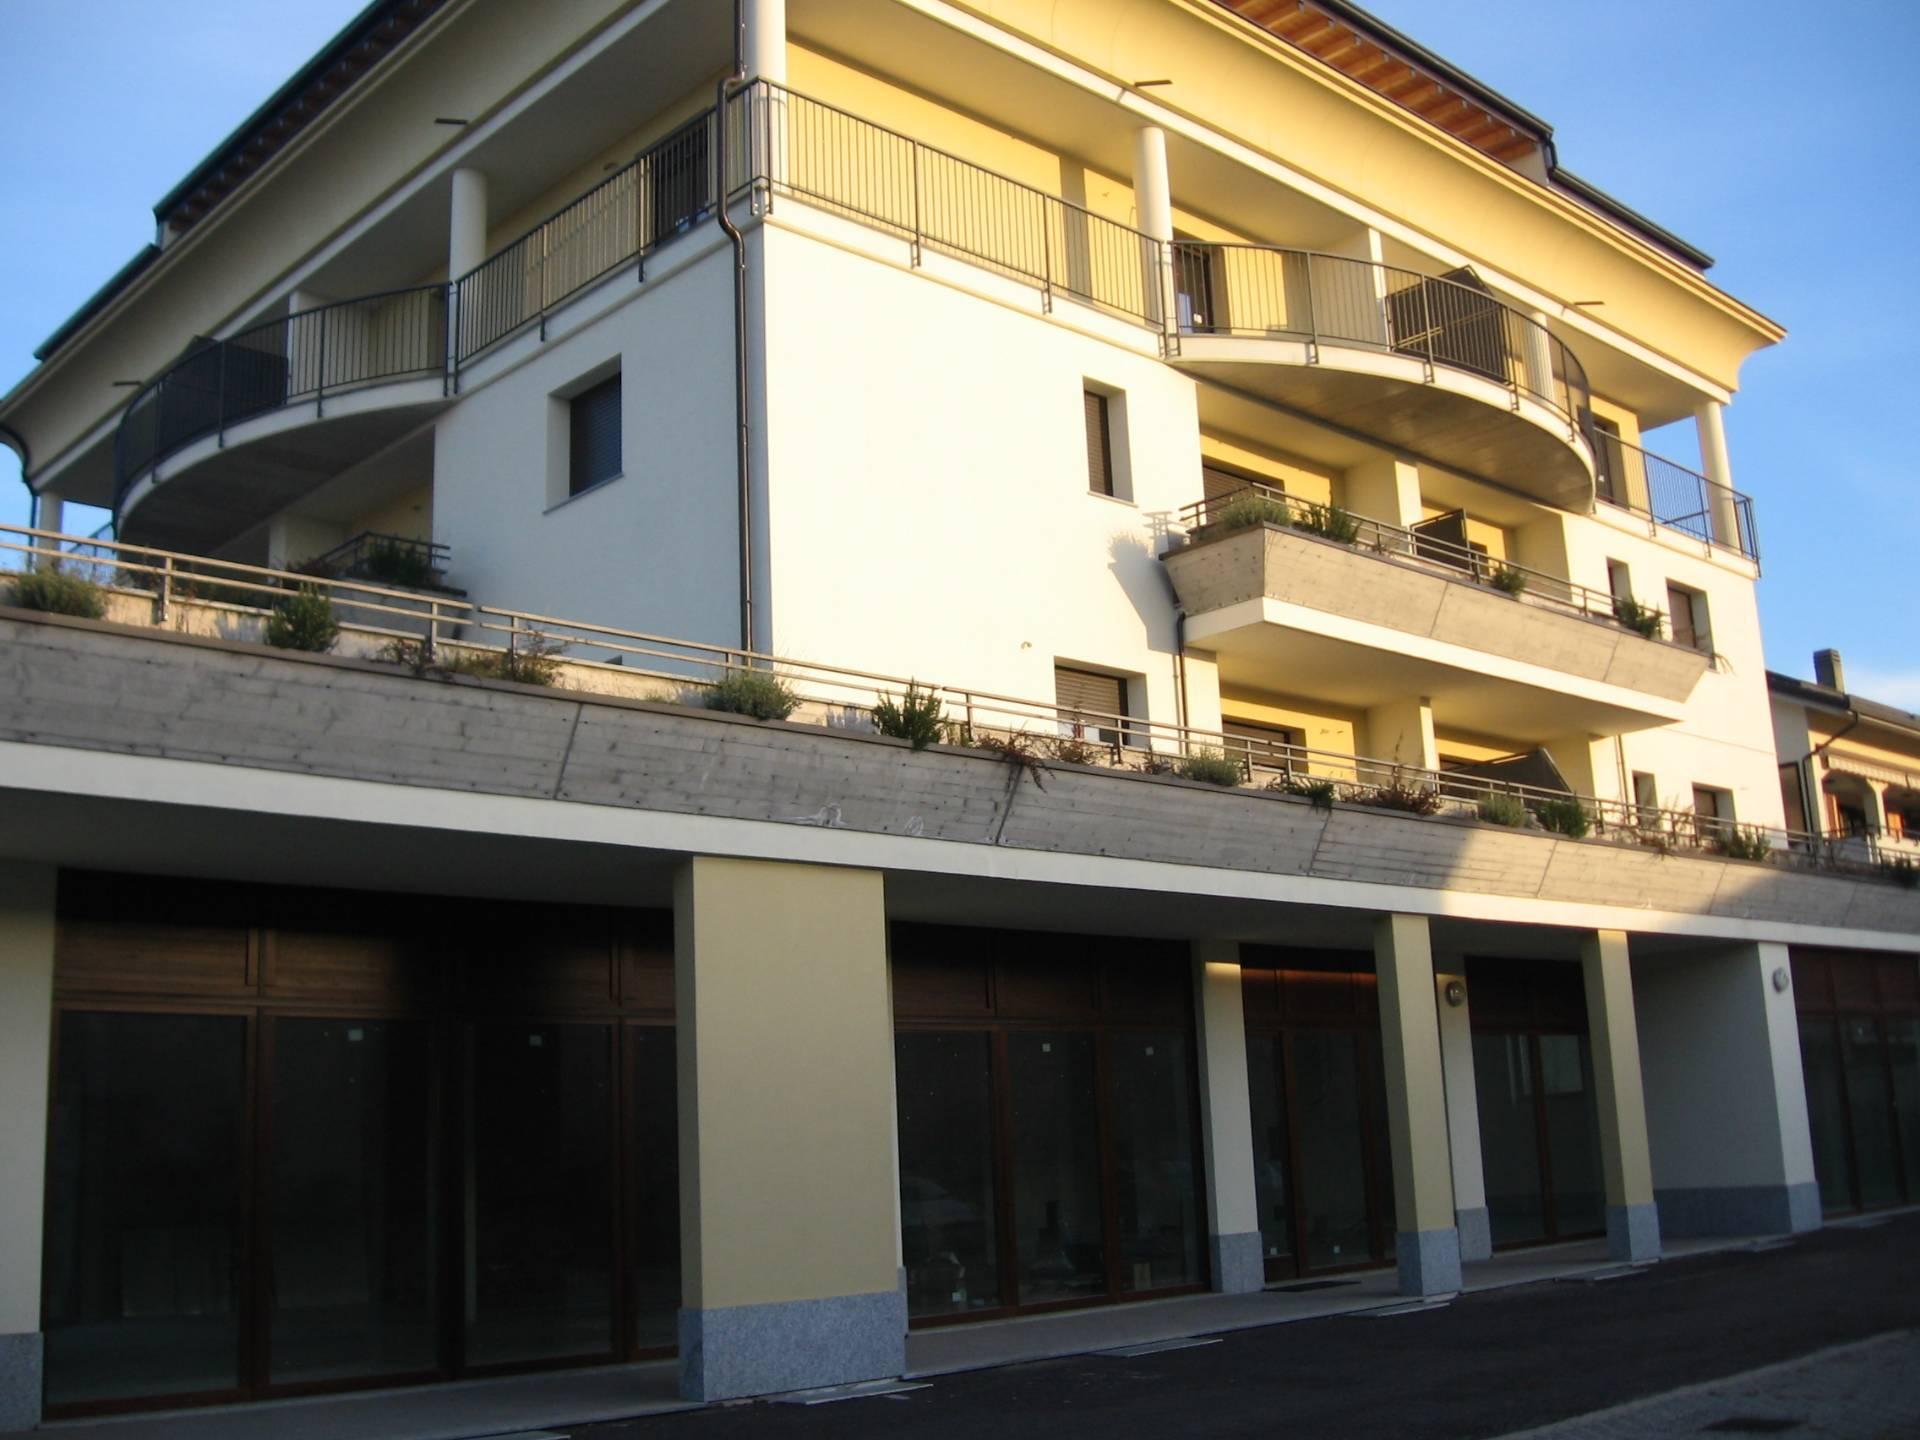 Appartamento in vendita a Castellanza, 2 locali, prezzo € 135.000   CambioCasa.it